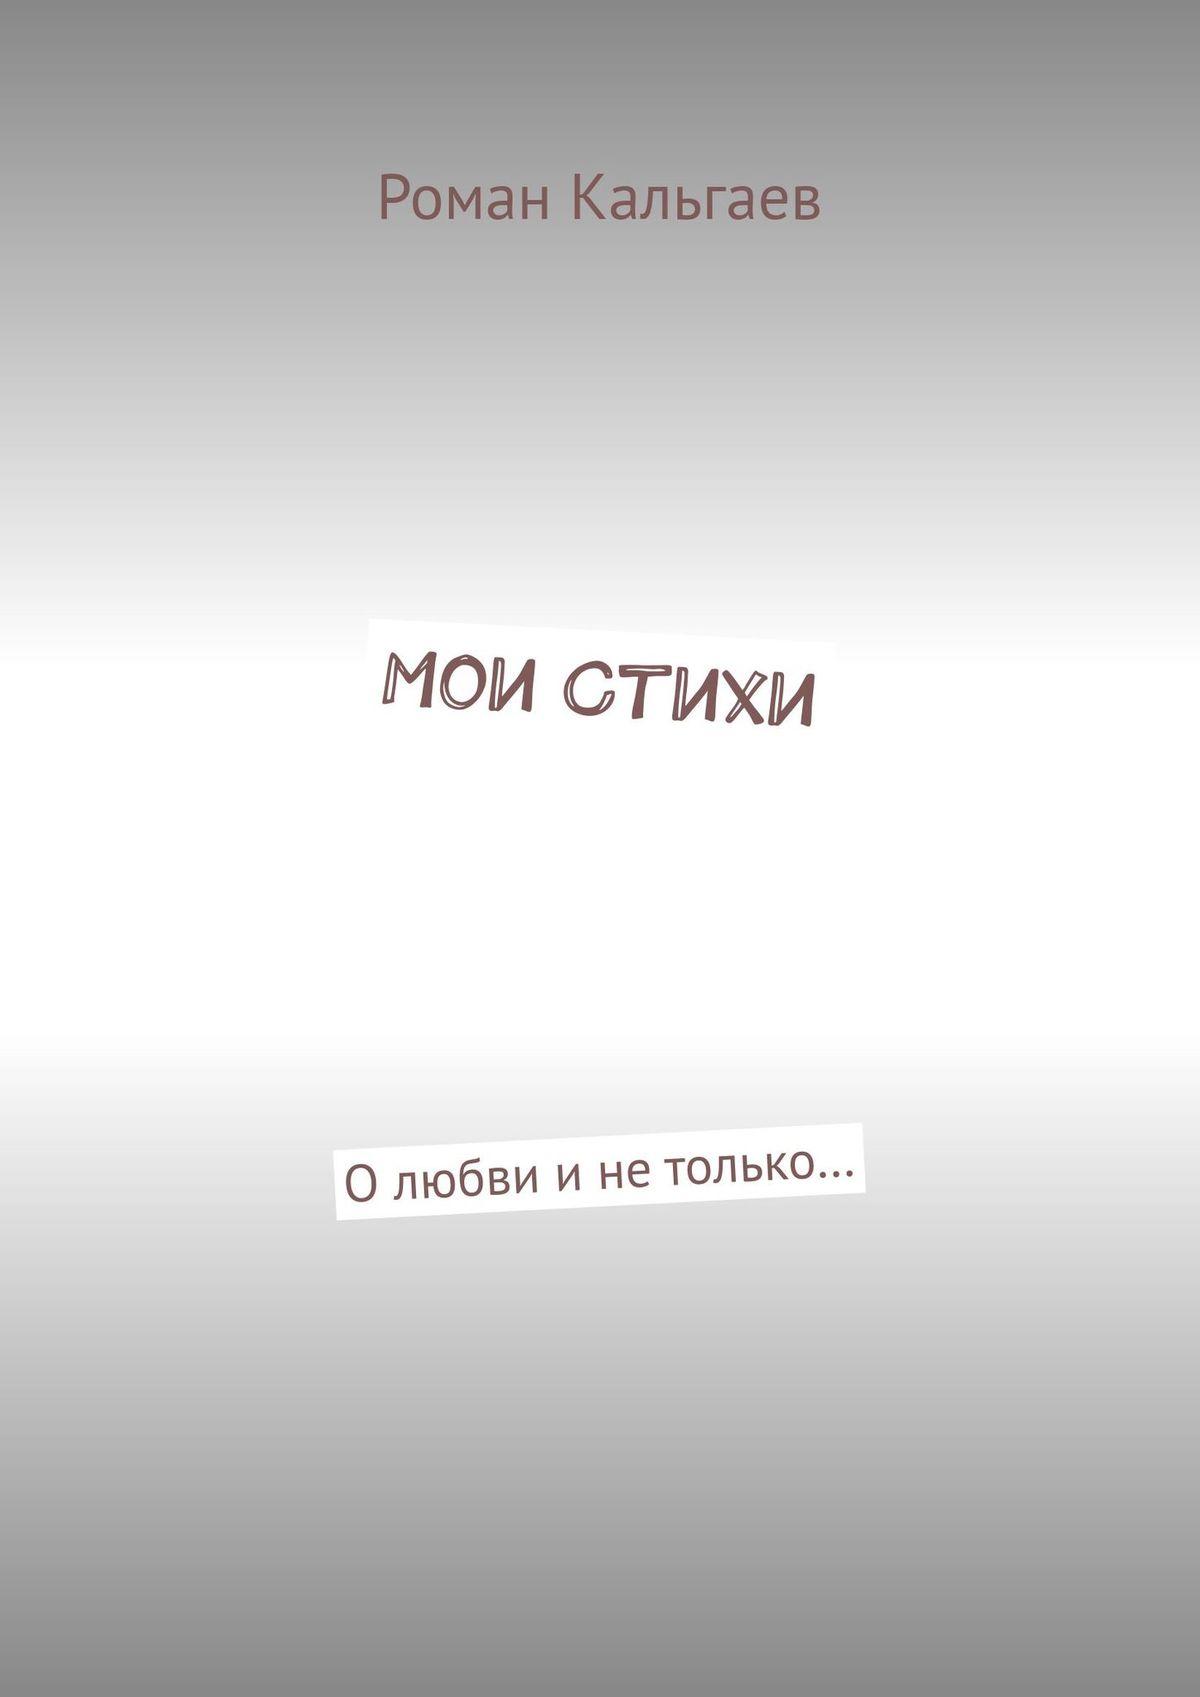 Роман Кальгаев Мои стихи. Олюбви инетолько… все стихи